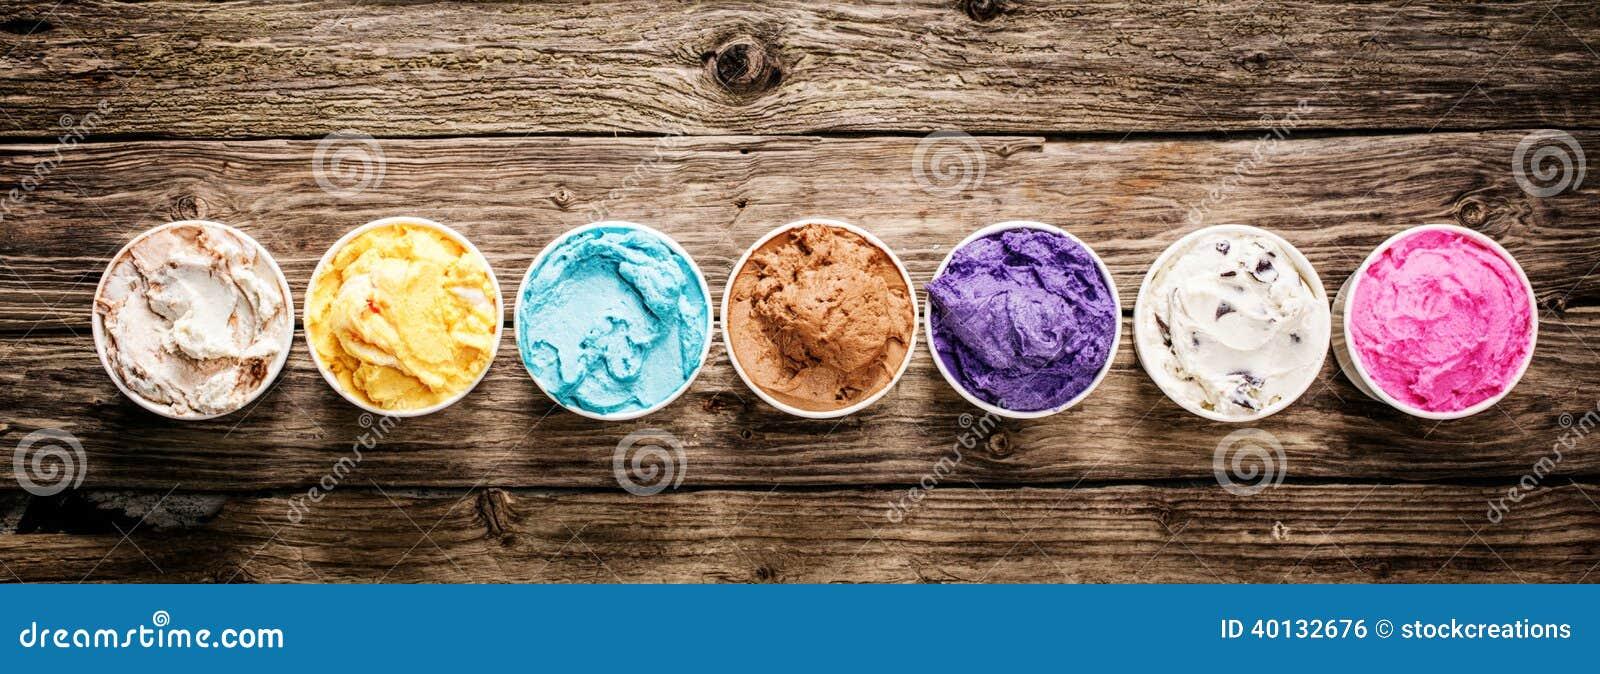 Saveurs assorties de crème glacée italienne gastronome